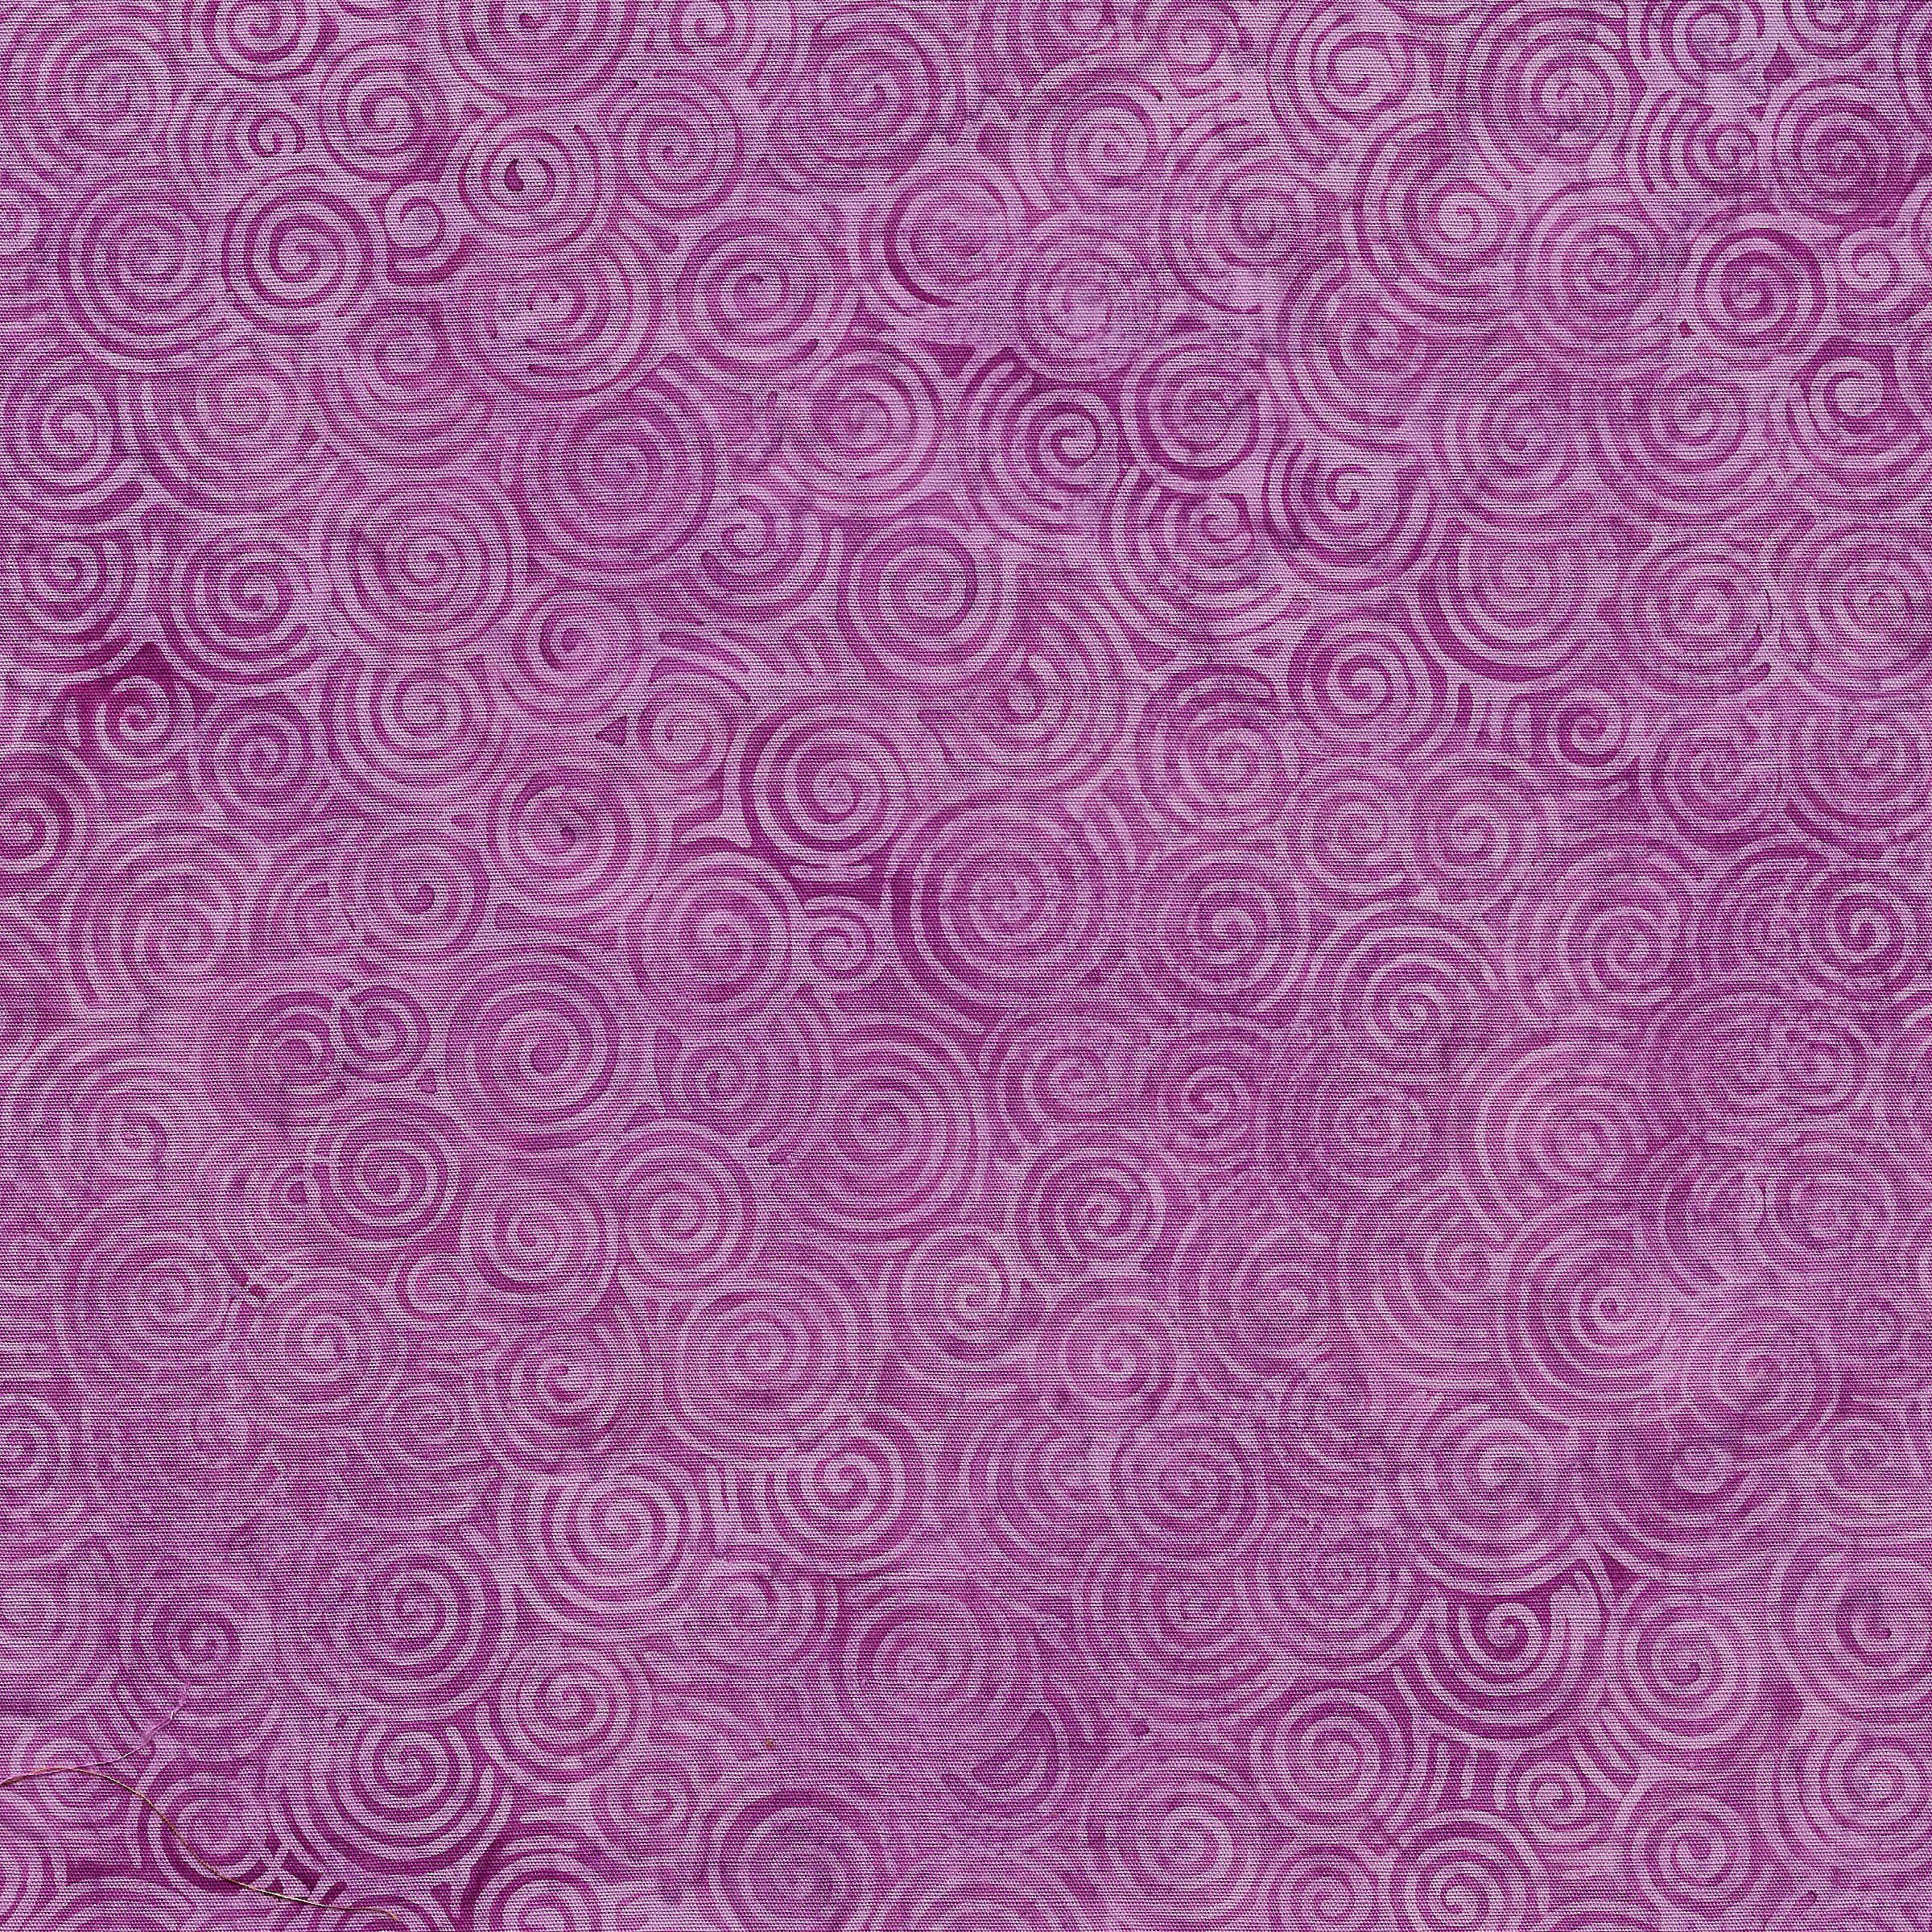 111908415 / Swirls -Dusty Rose